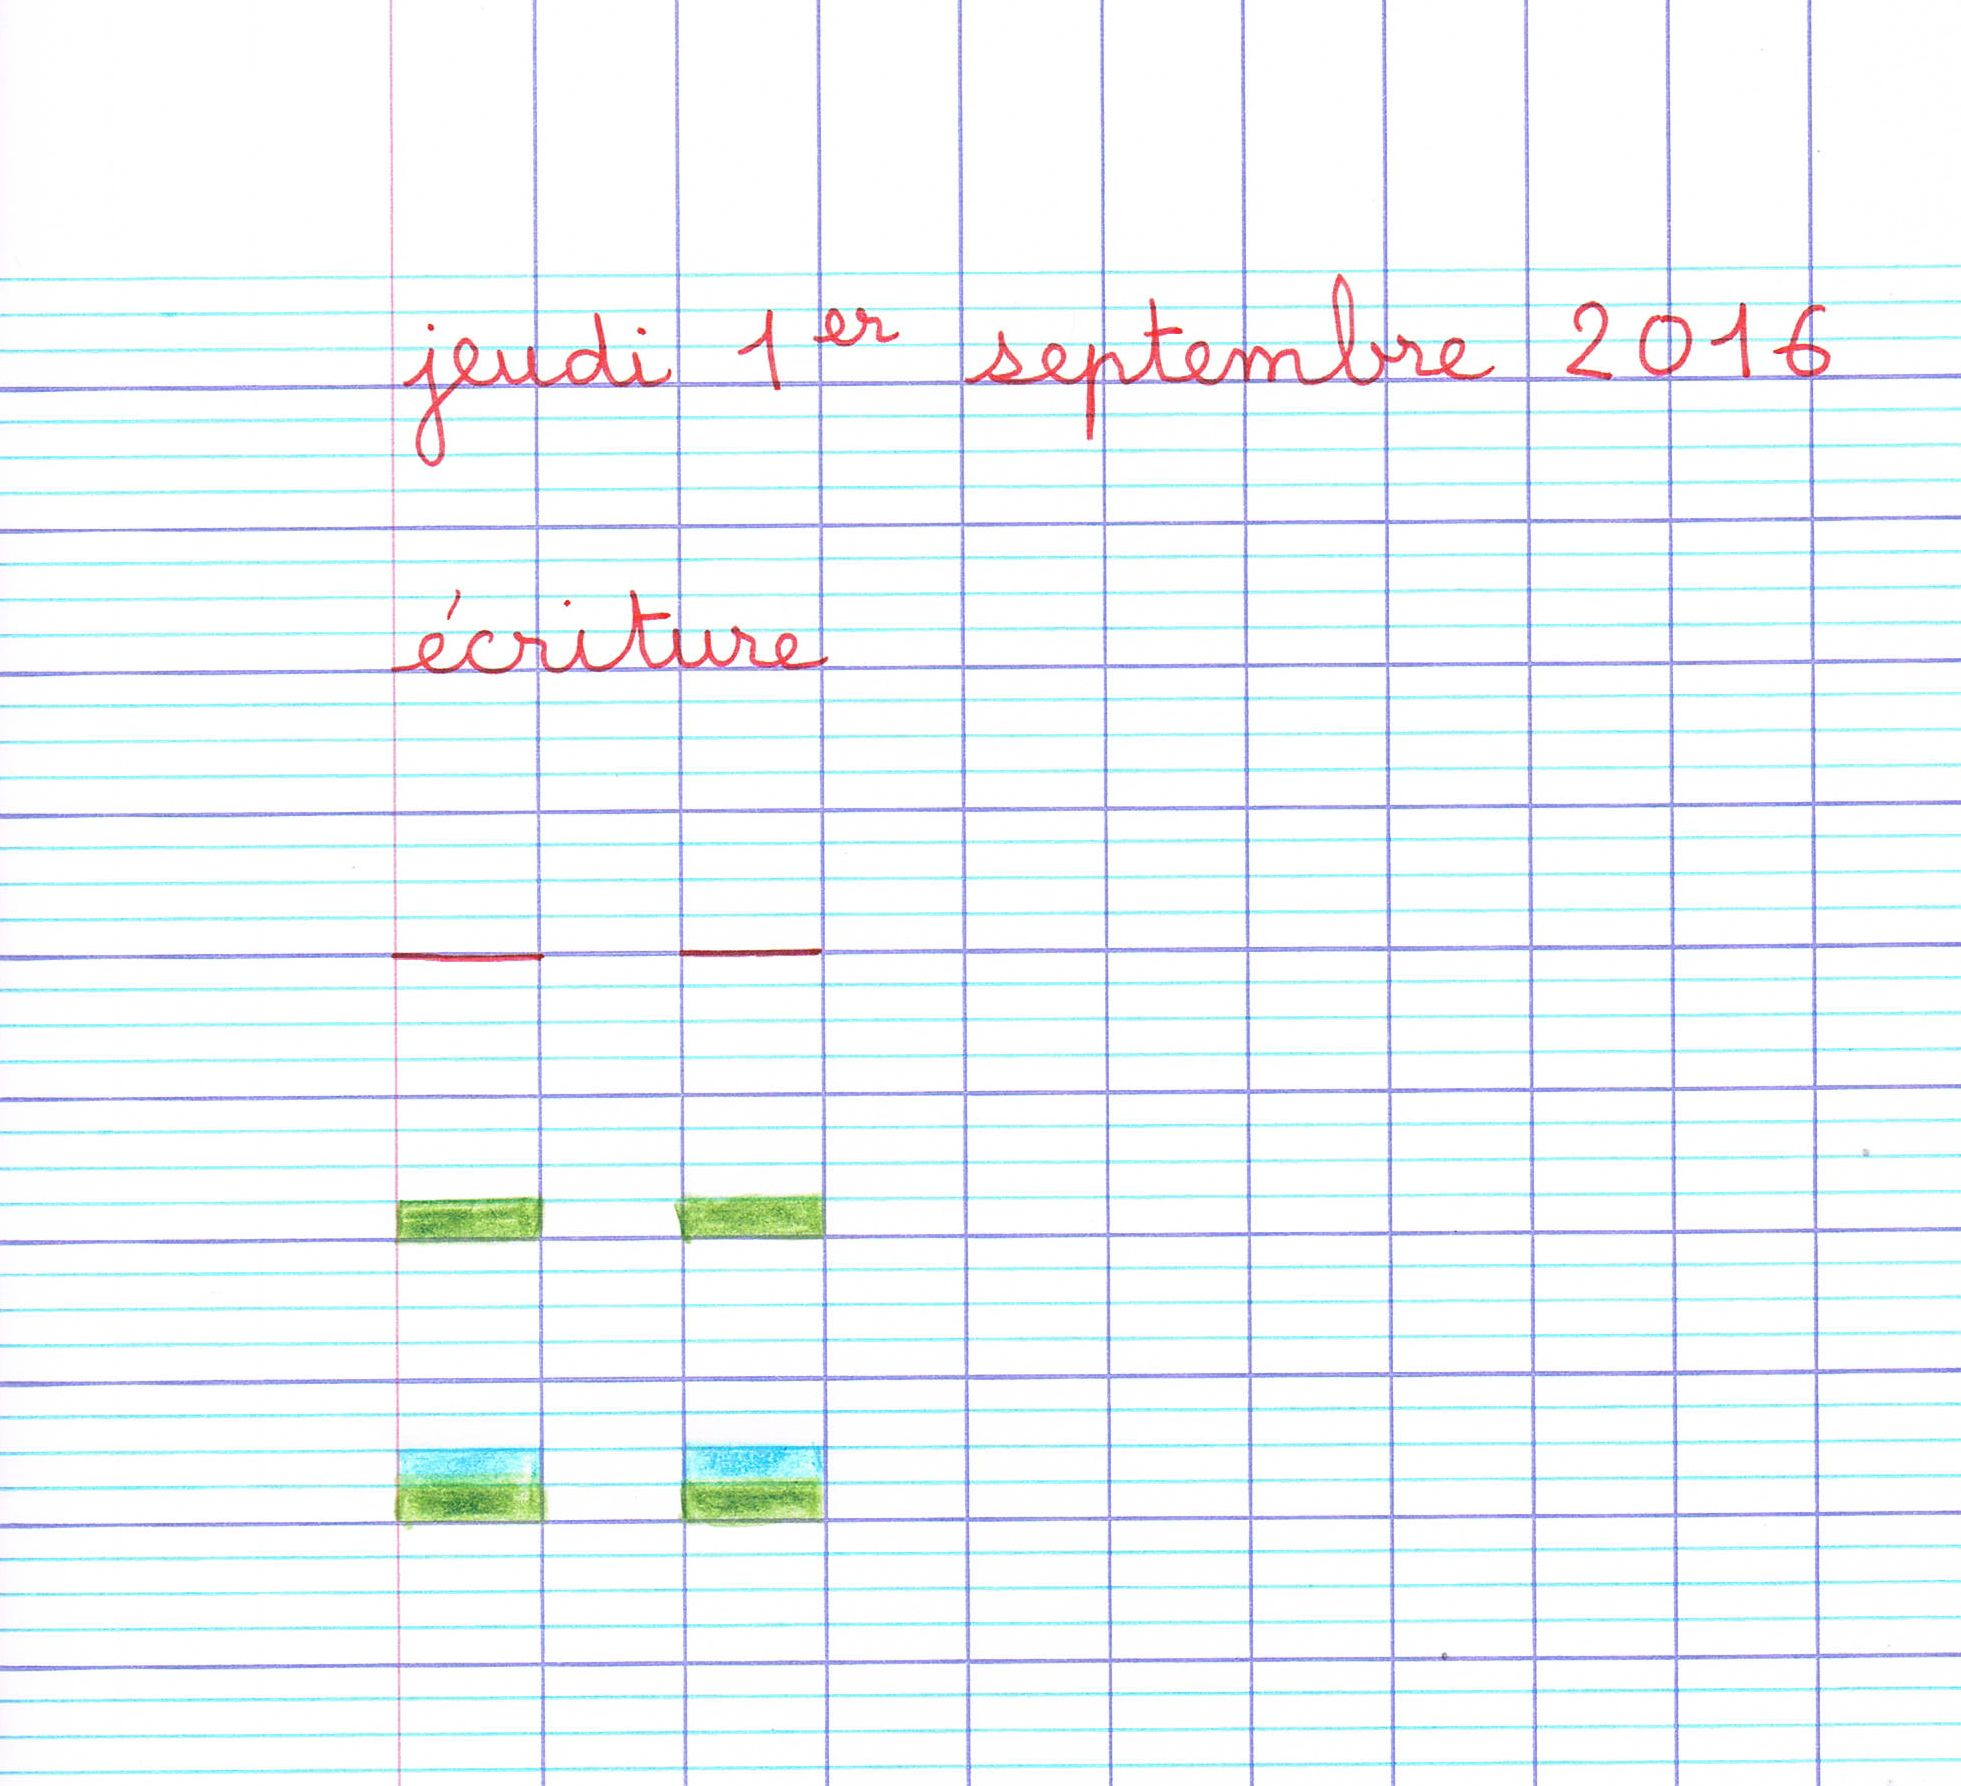 la fréquence de la datation précoce des textes Bournemouth Speed datation